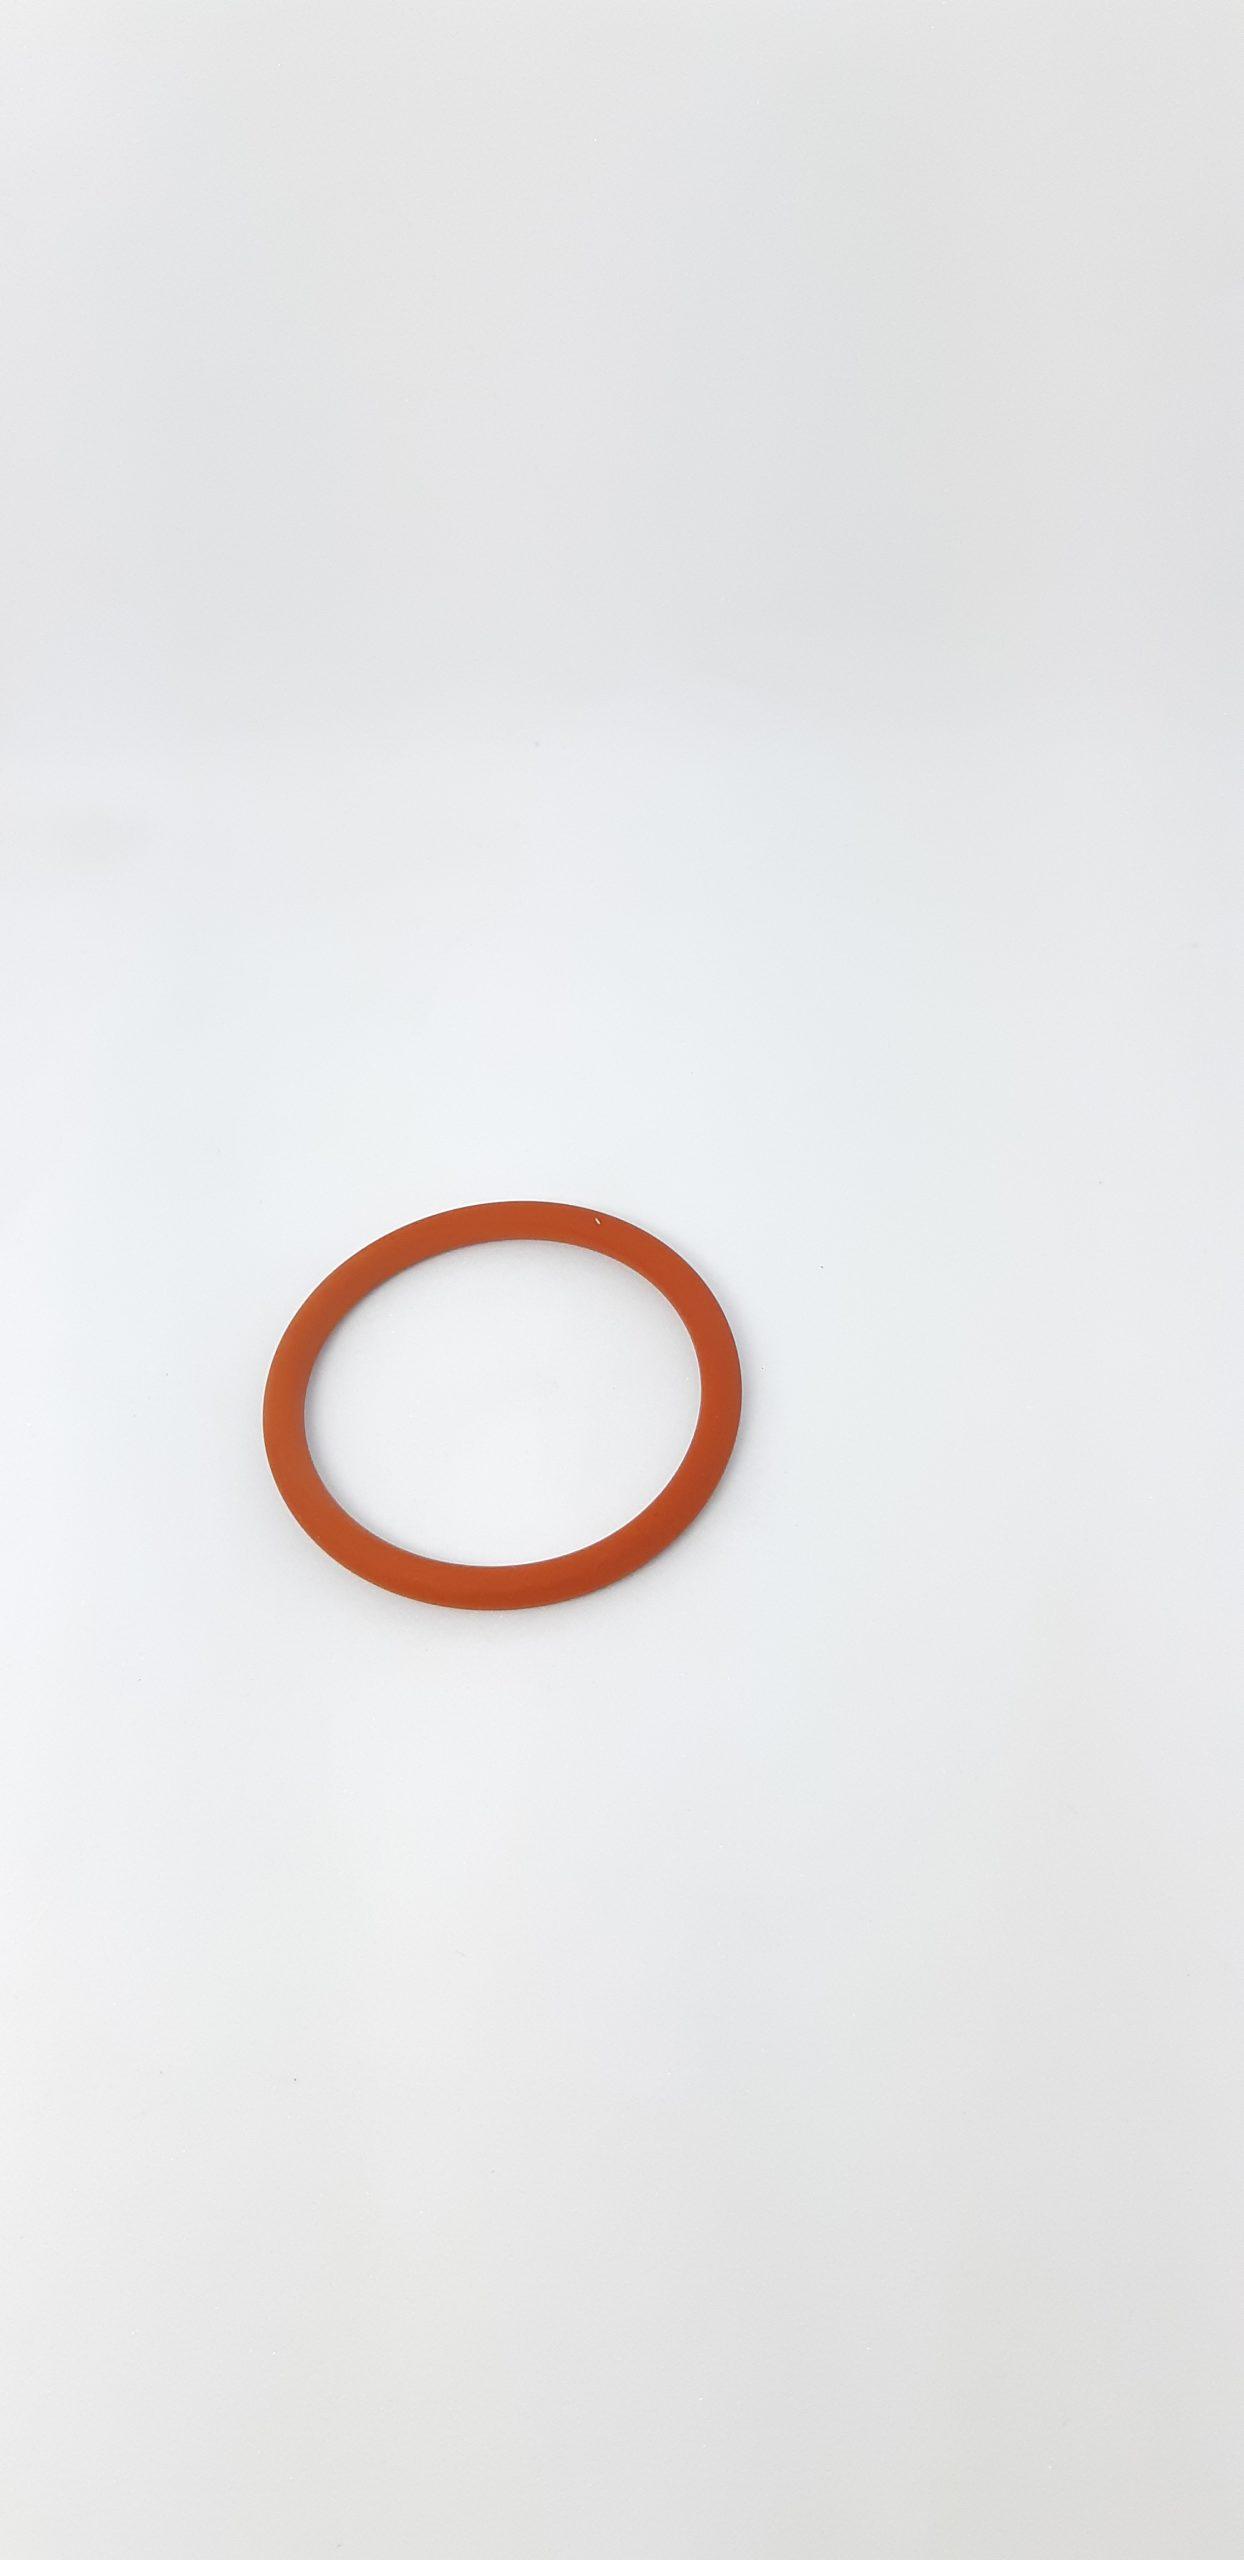 О-пръстен група Магнифика 5332149100